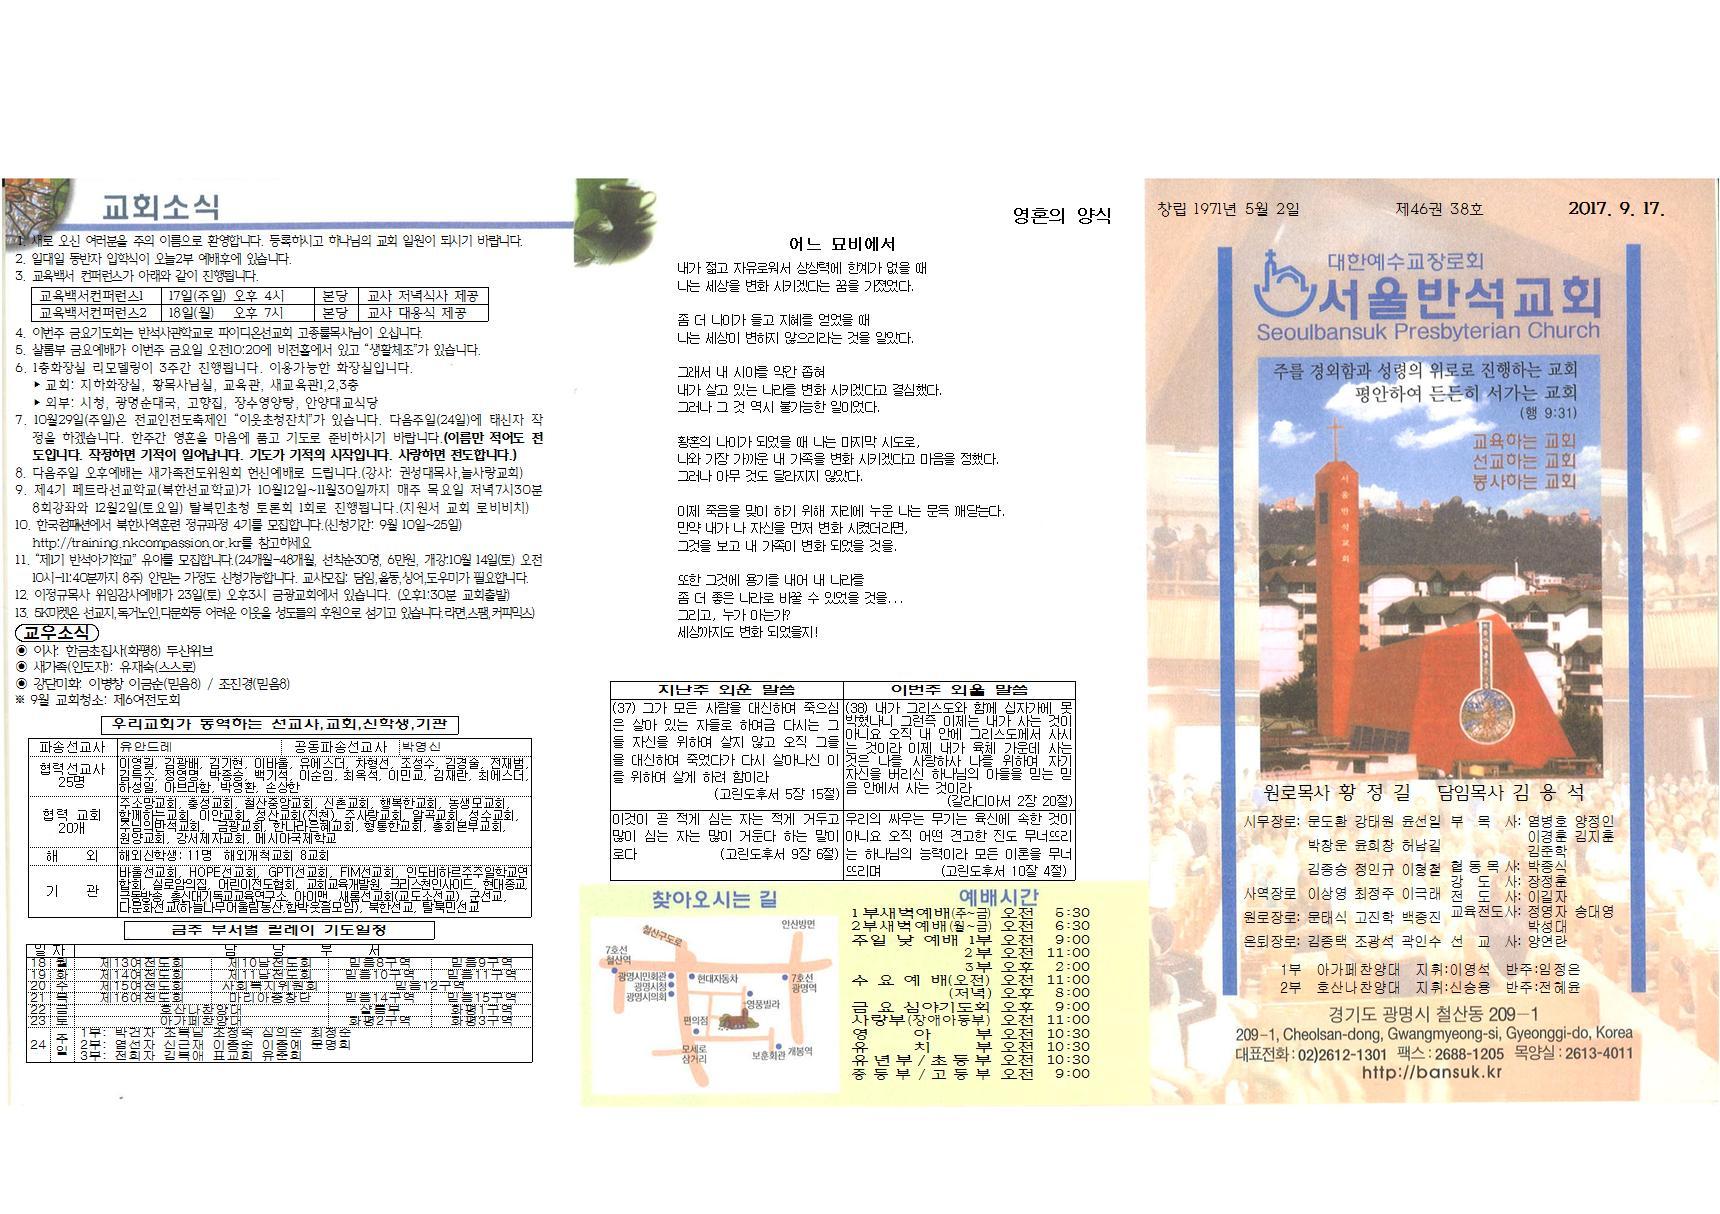 주보 제46권 38호(2017.09.17)